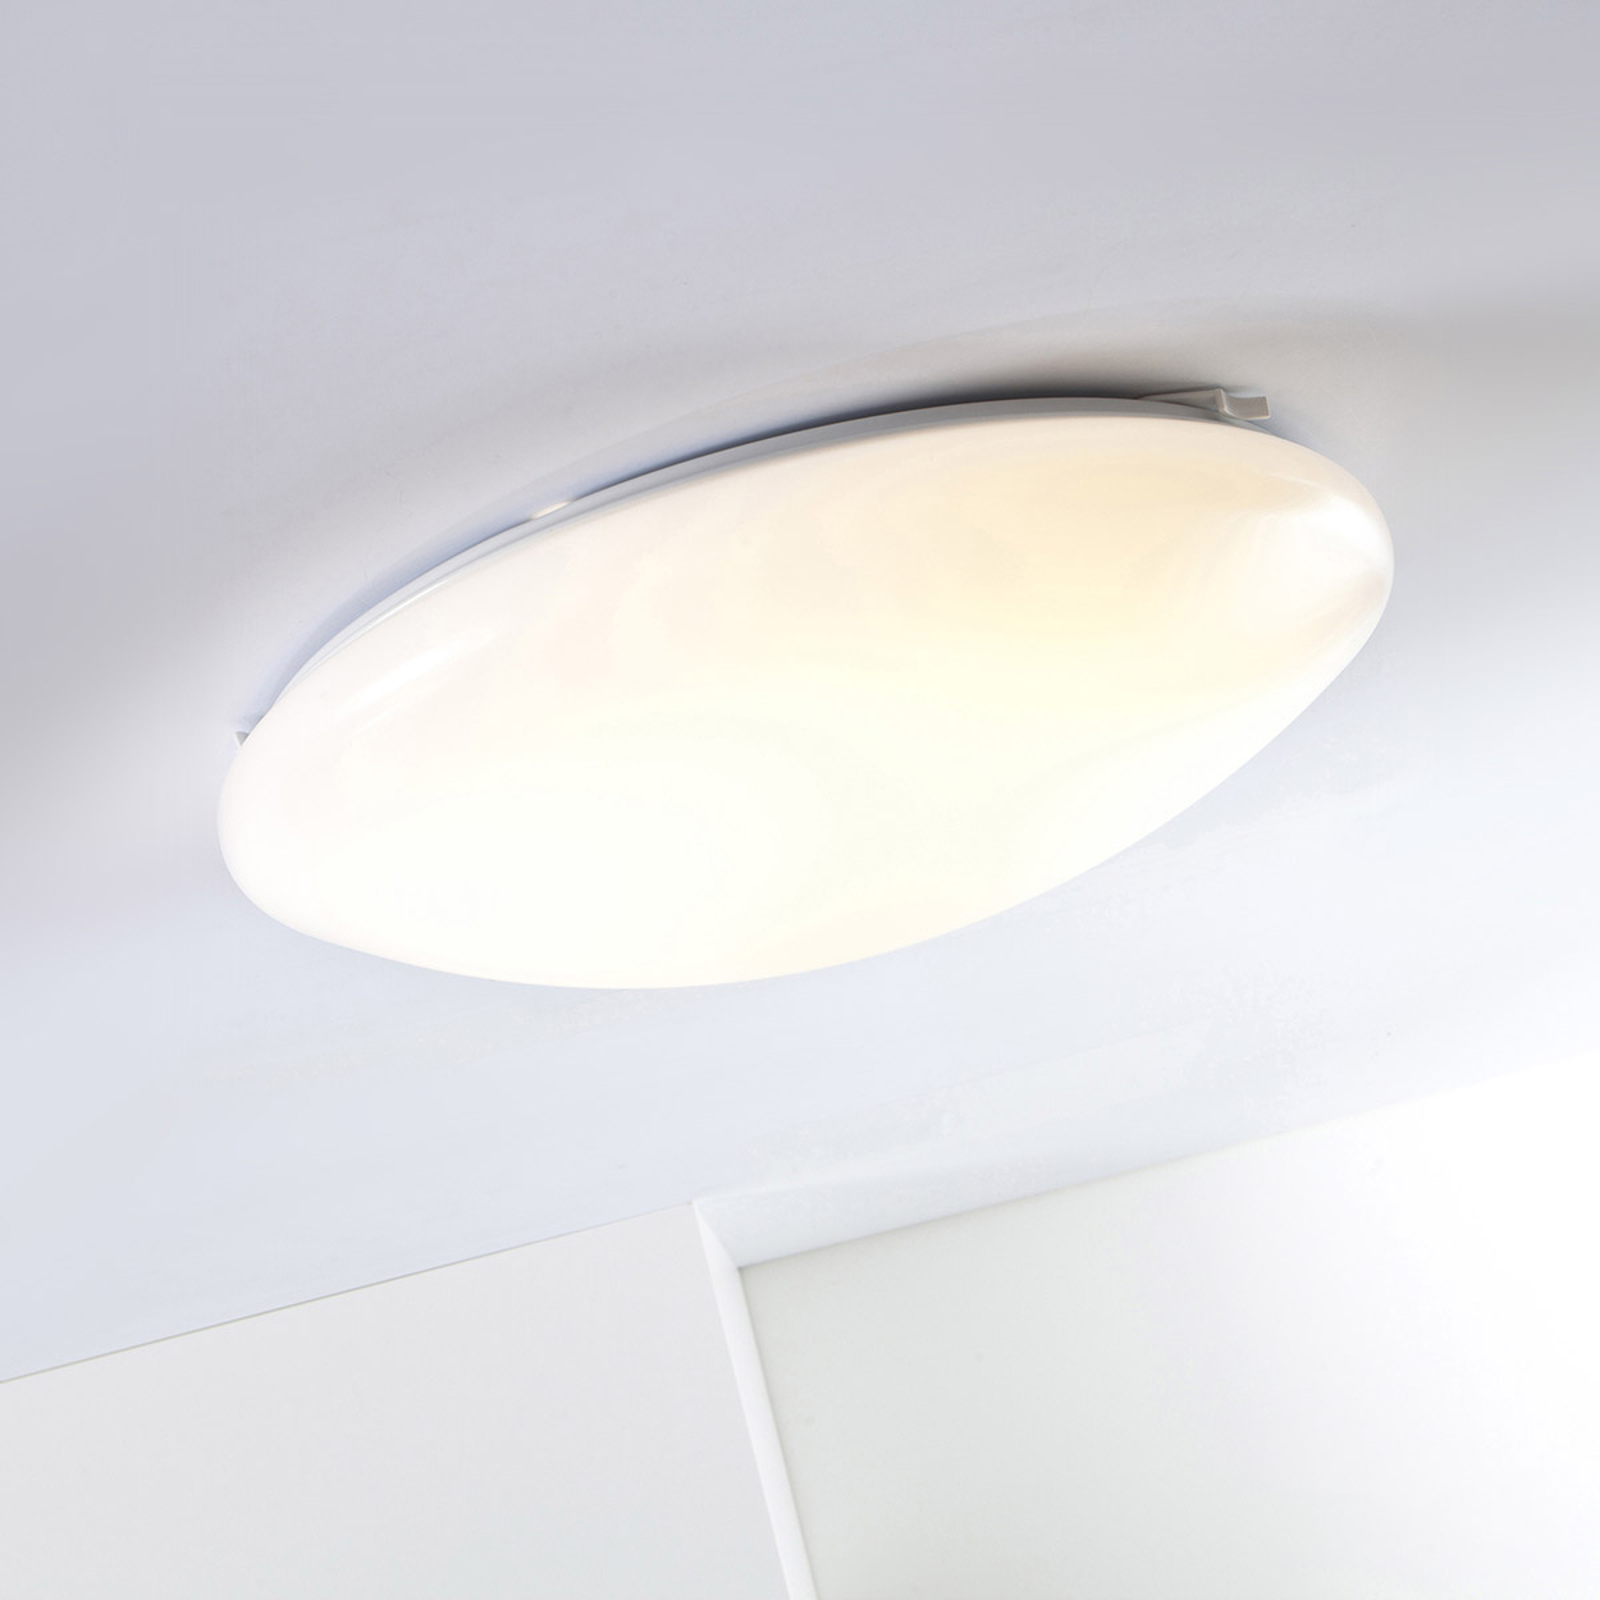 LED Basic rund taklampe fra AEG 14 W